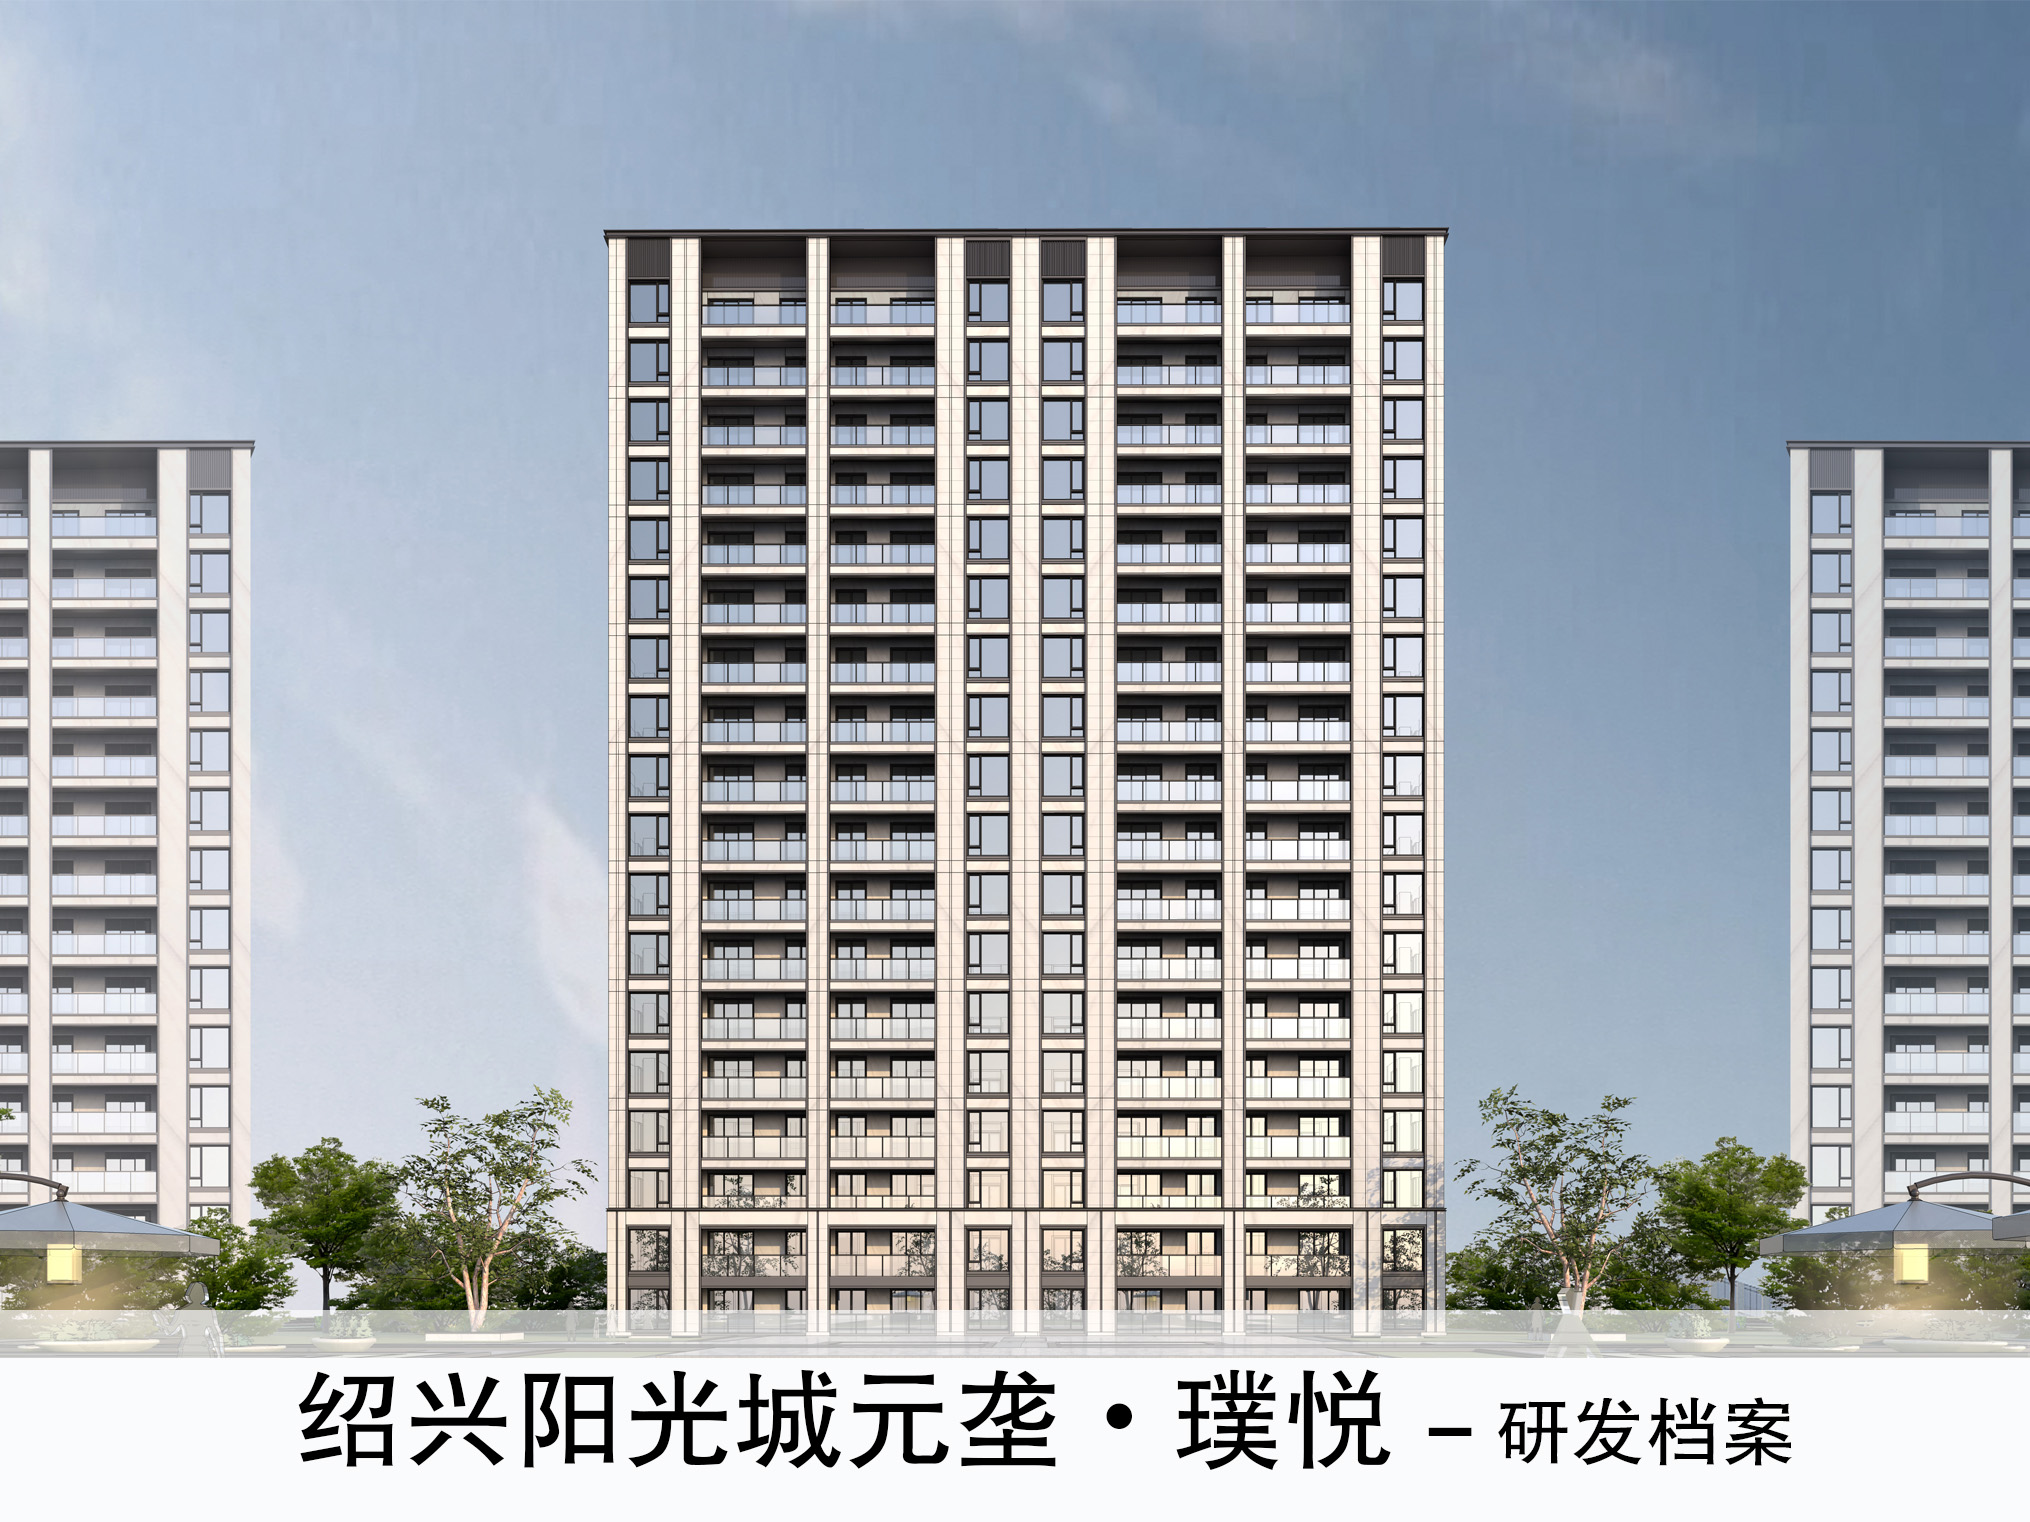 绍兴阳光城元垄•璞悦-研发档案(224P)